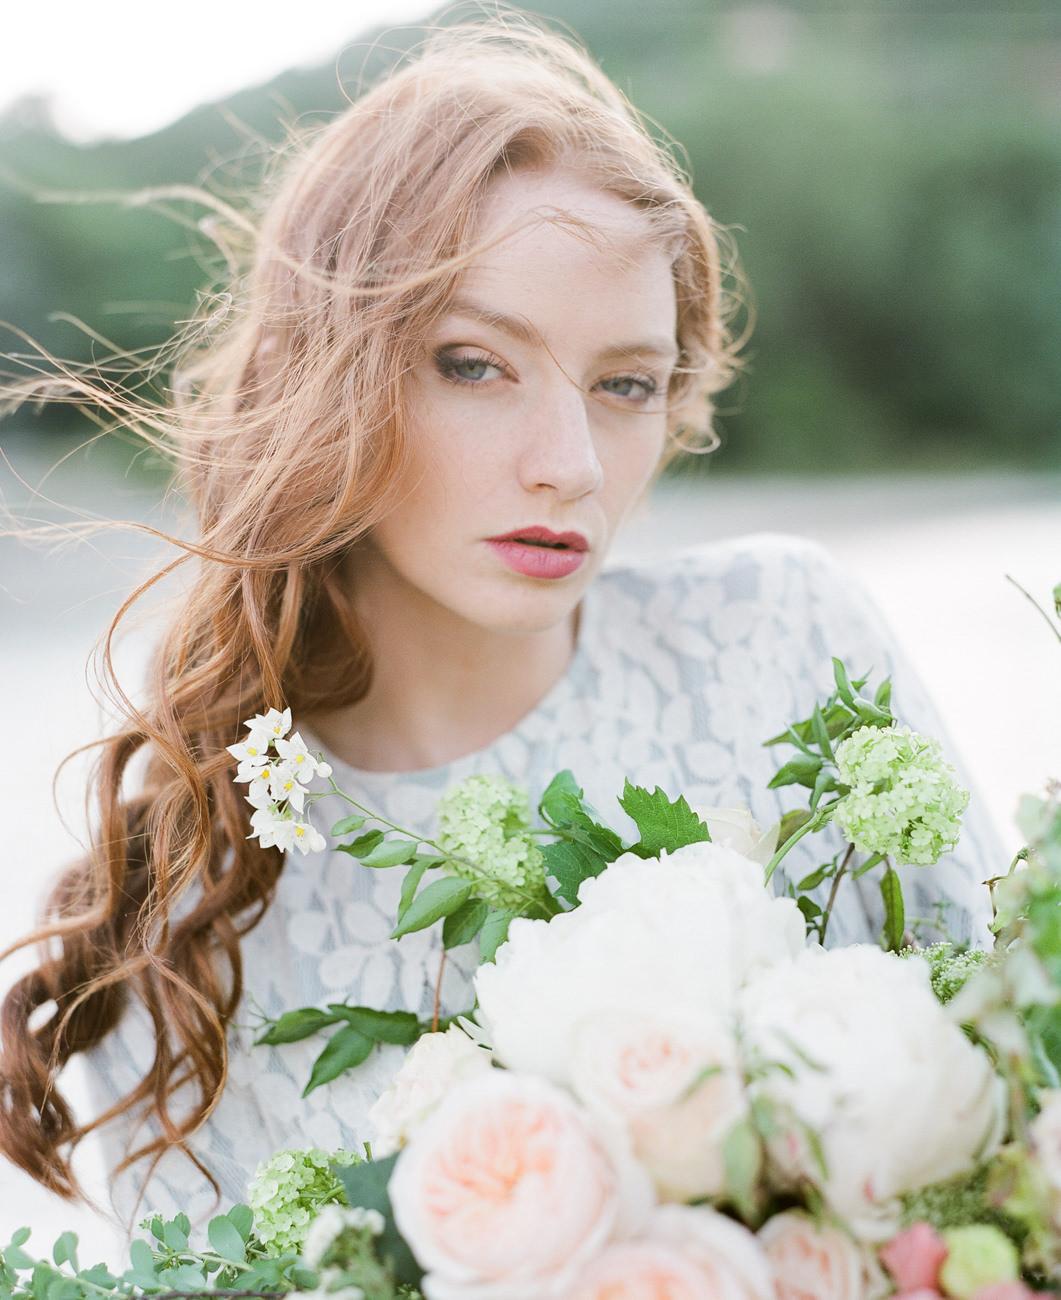 saint-guilhem-photographe-mariage-alain-m-14.jpg